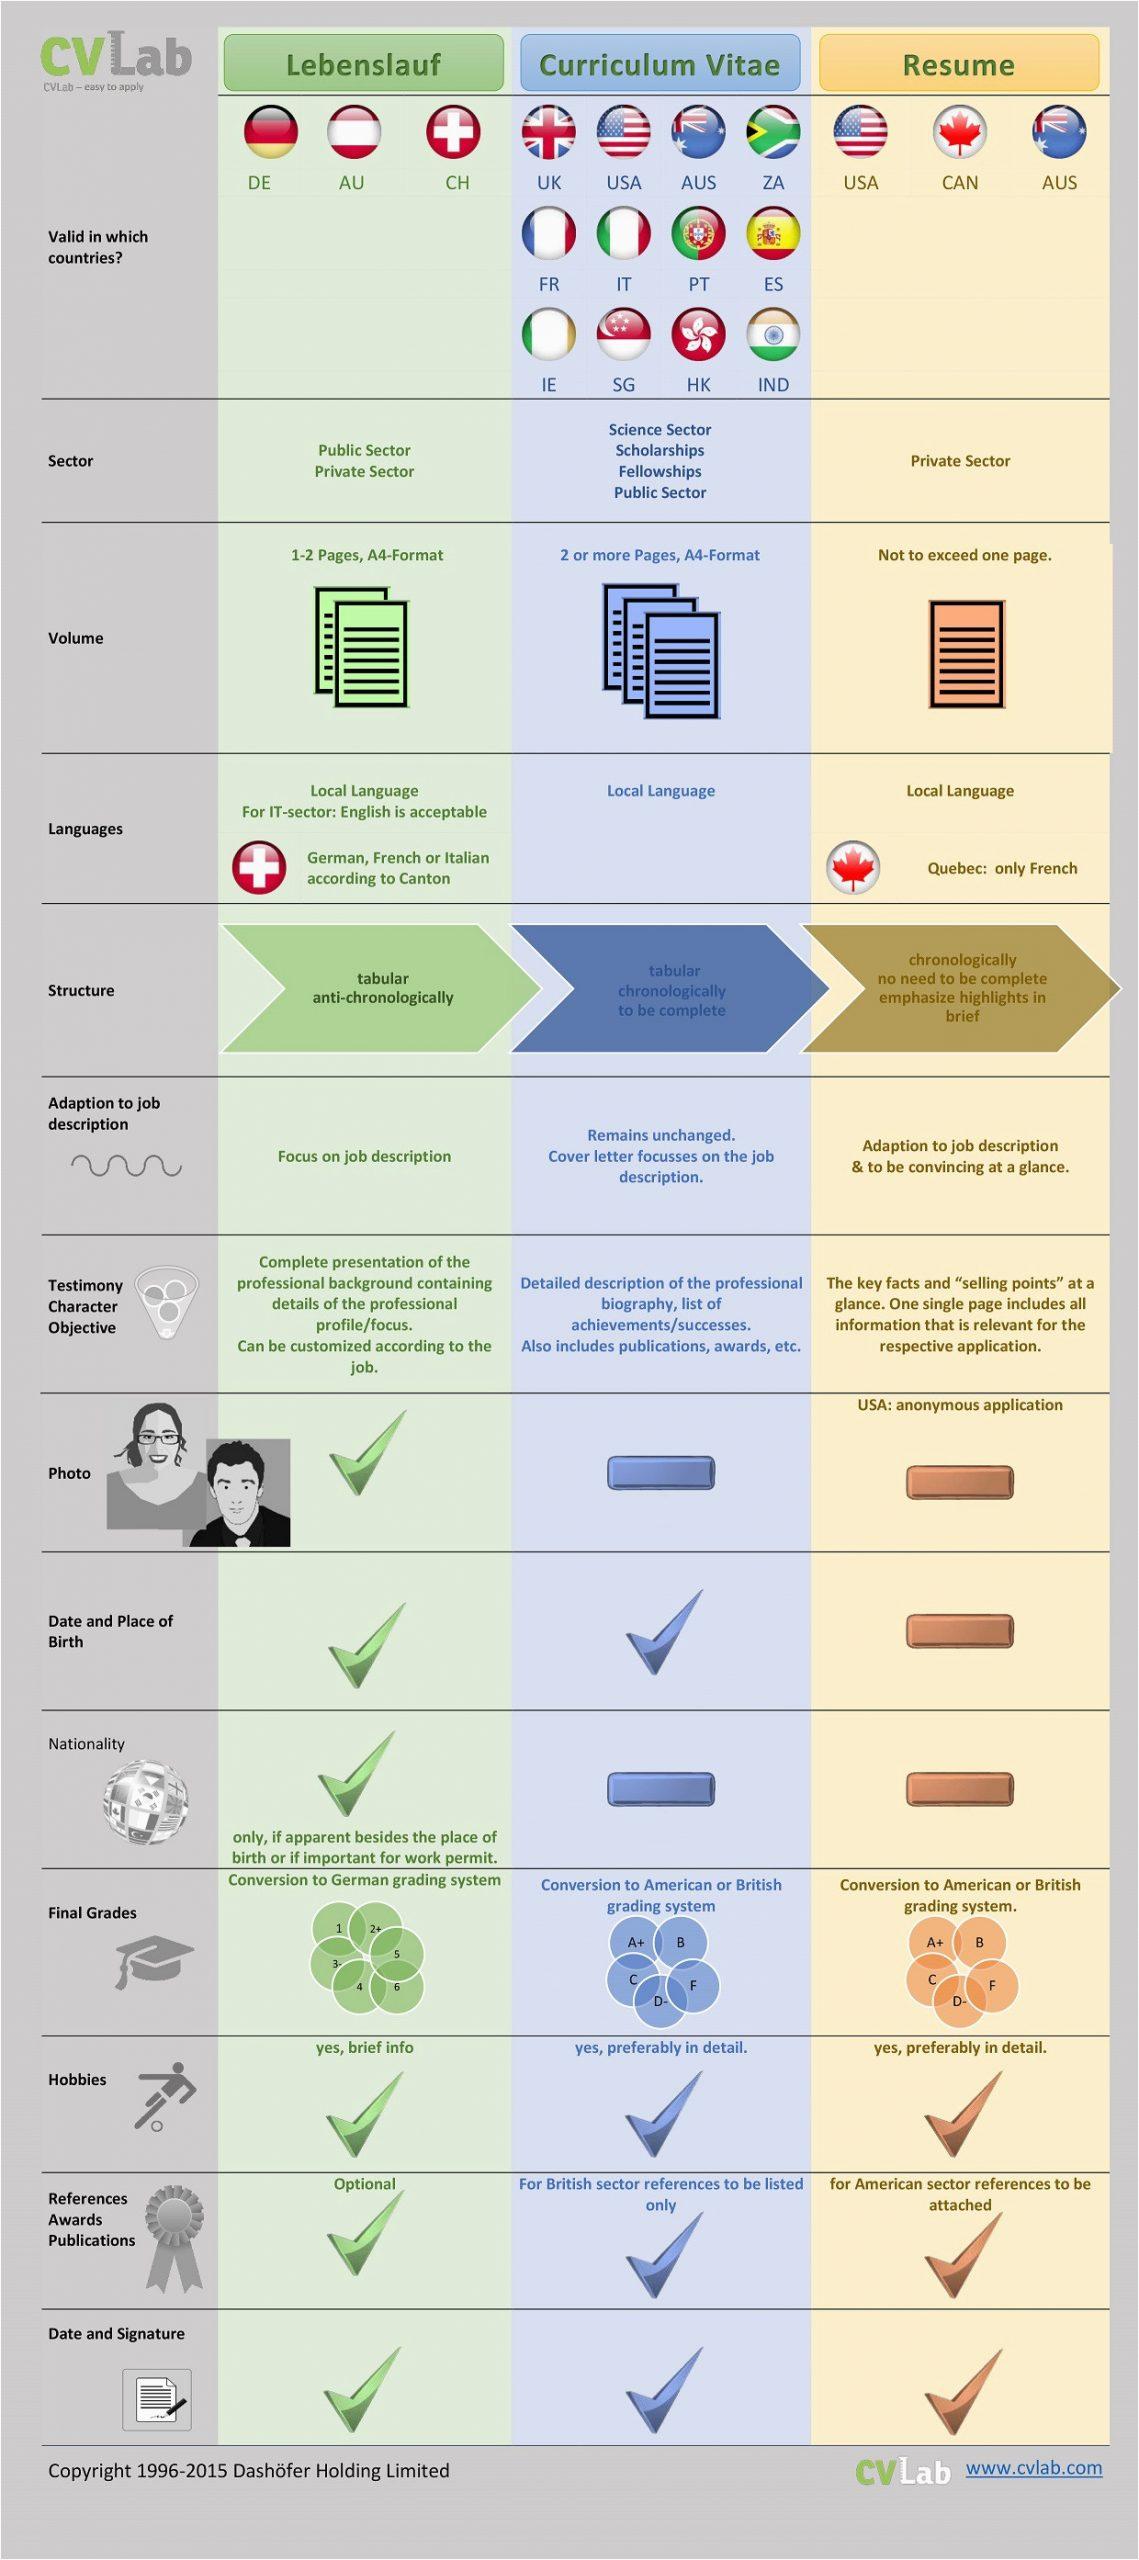 Lebenslauf Unterschied Deutsch Englisch Unterschied Von Lebenslauf Cv Und Resume Inkl Infografik